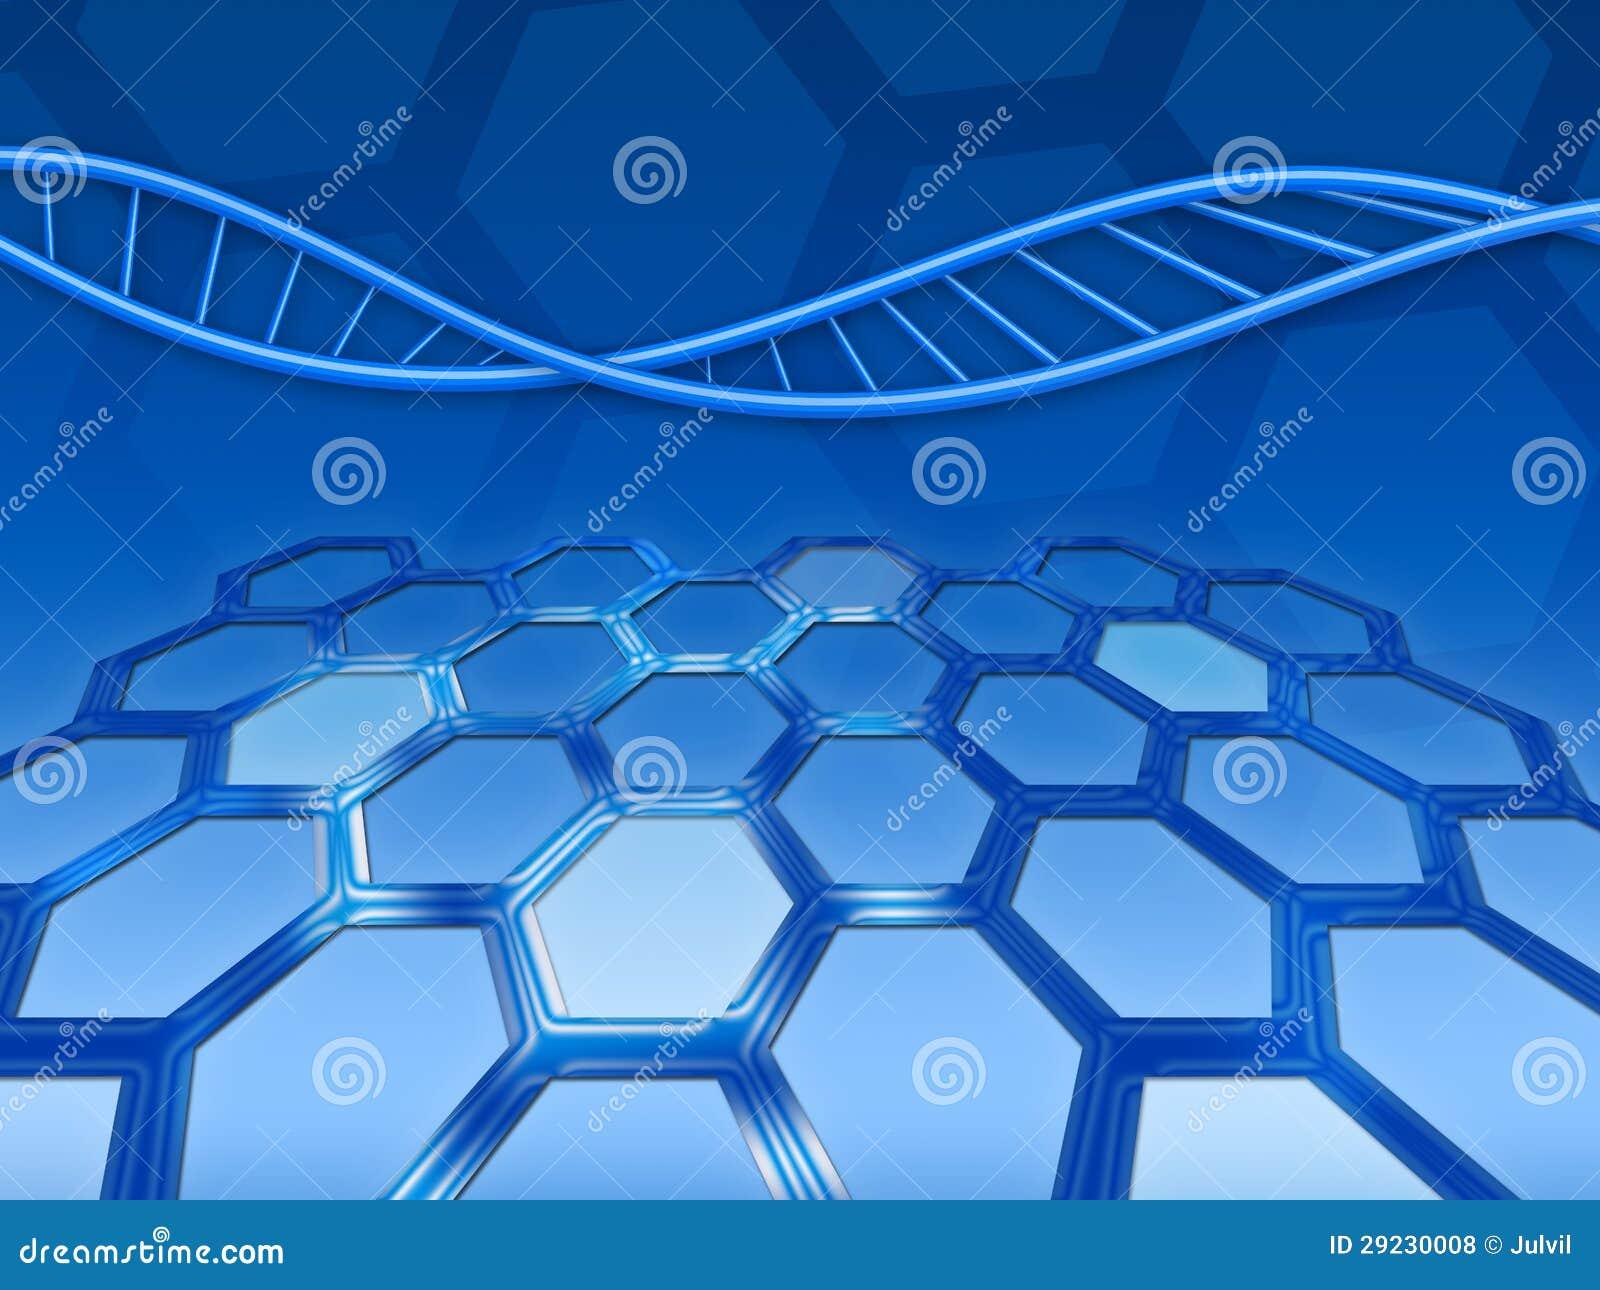 Download Fundo abstrato com ADN ilustração stock. Ilustração de sumário - 29230008